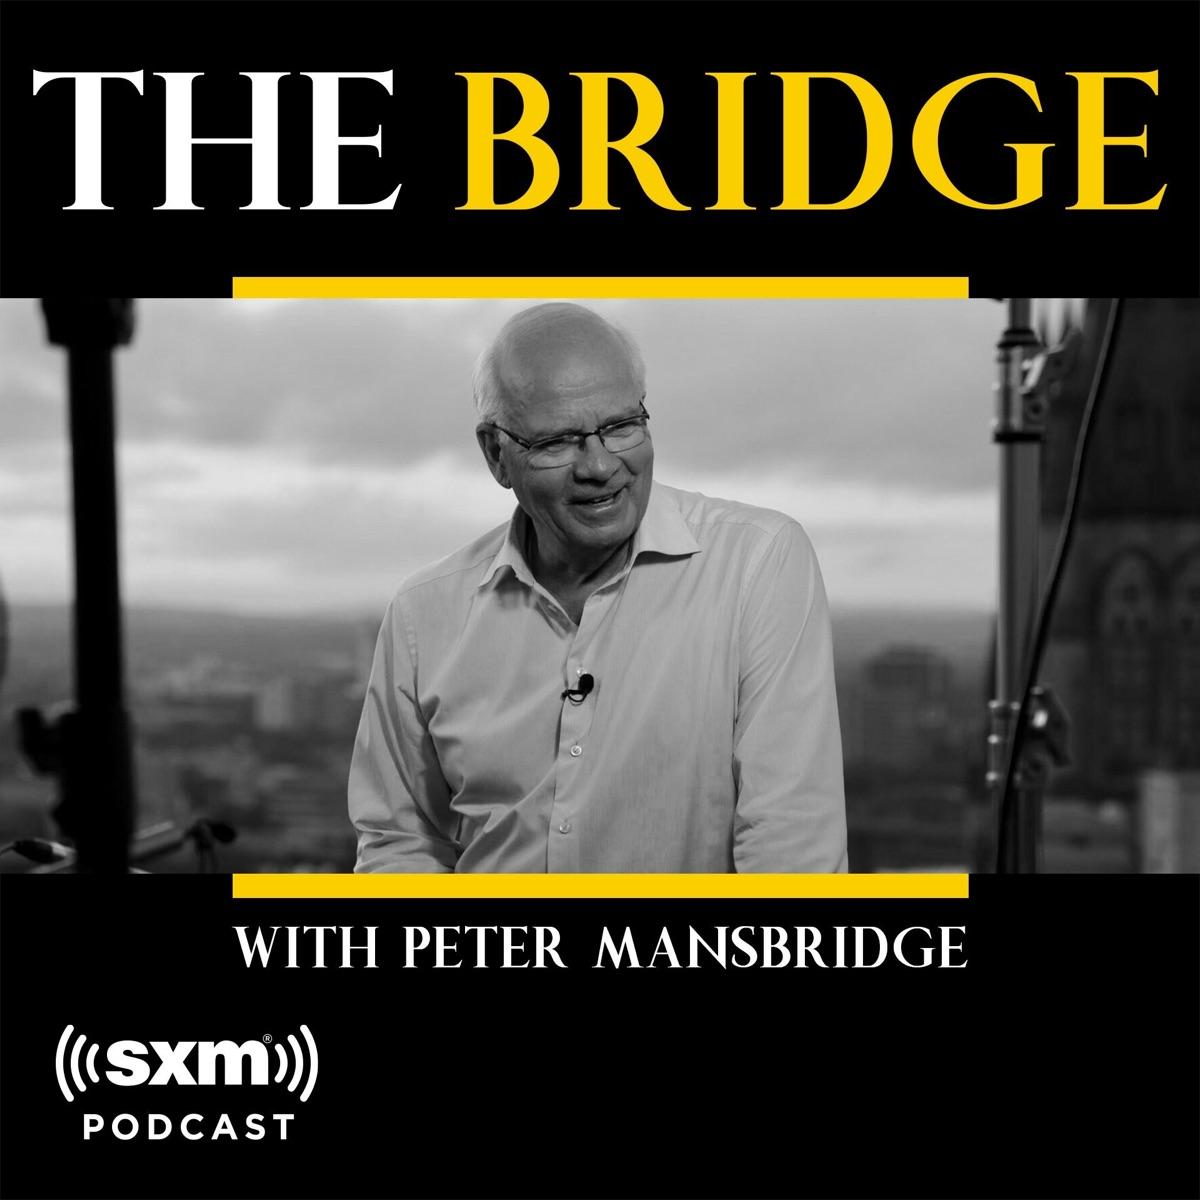 The Bridge with Peter Mansbridge